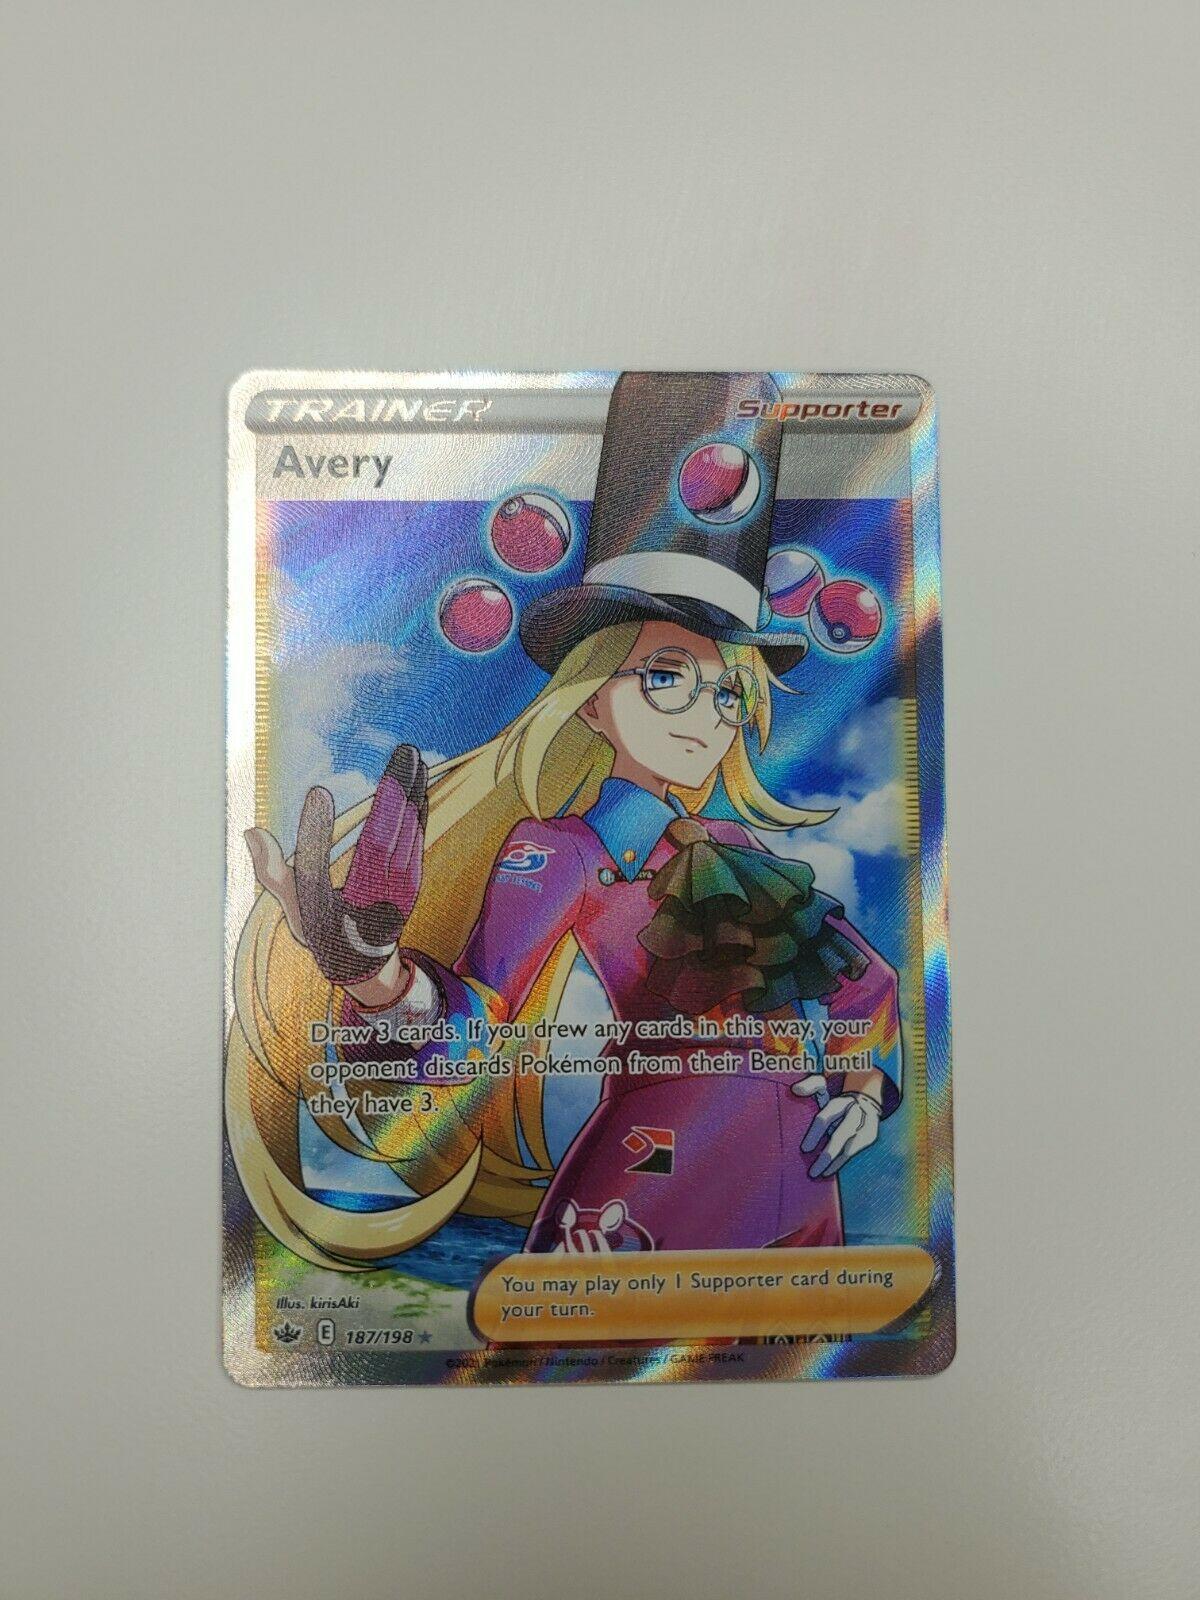 Avery 187/198 Full Art Trainer- Pokemon Chilling Reign - Near Mint